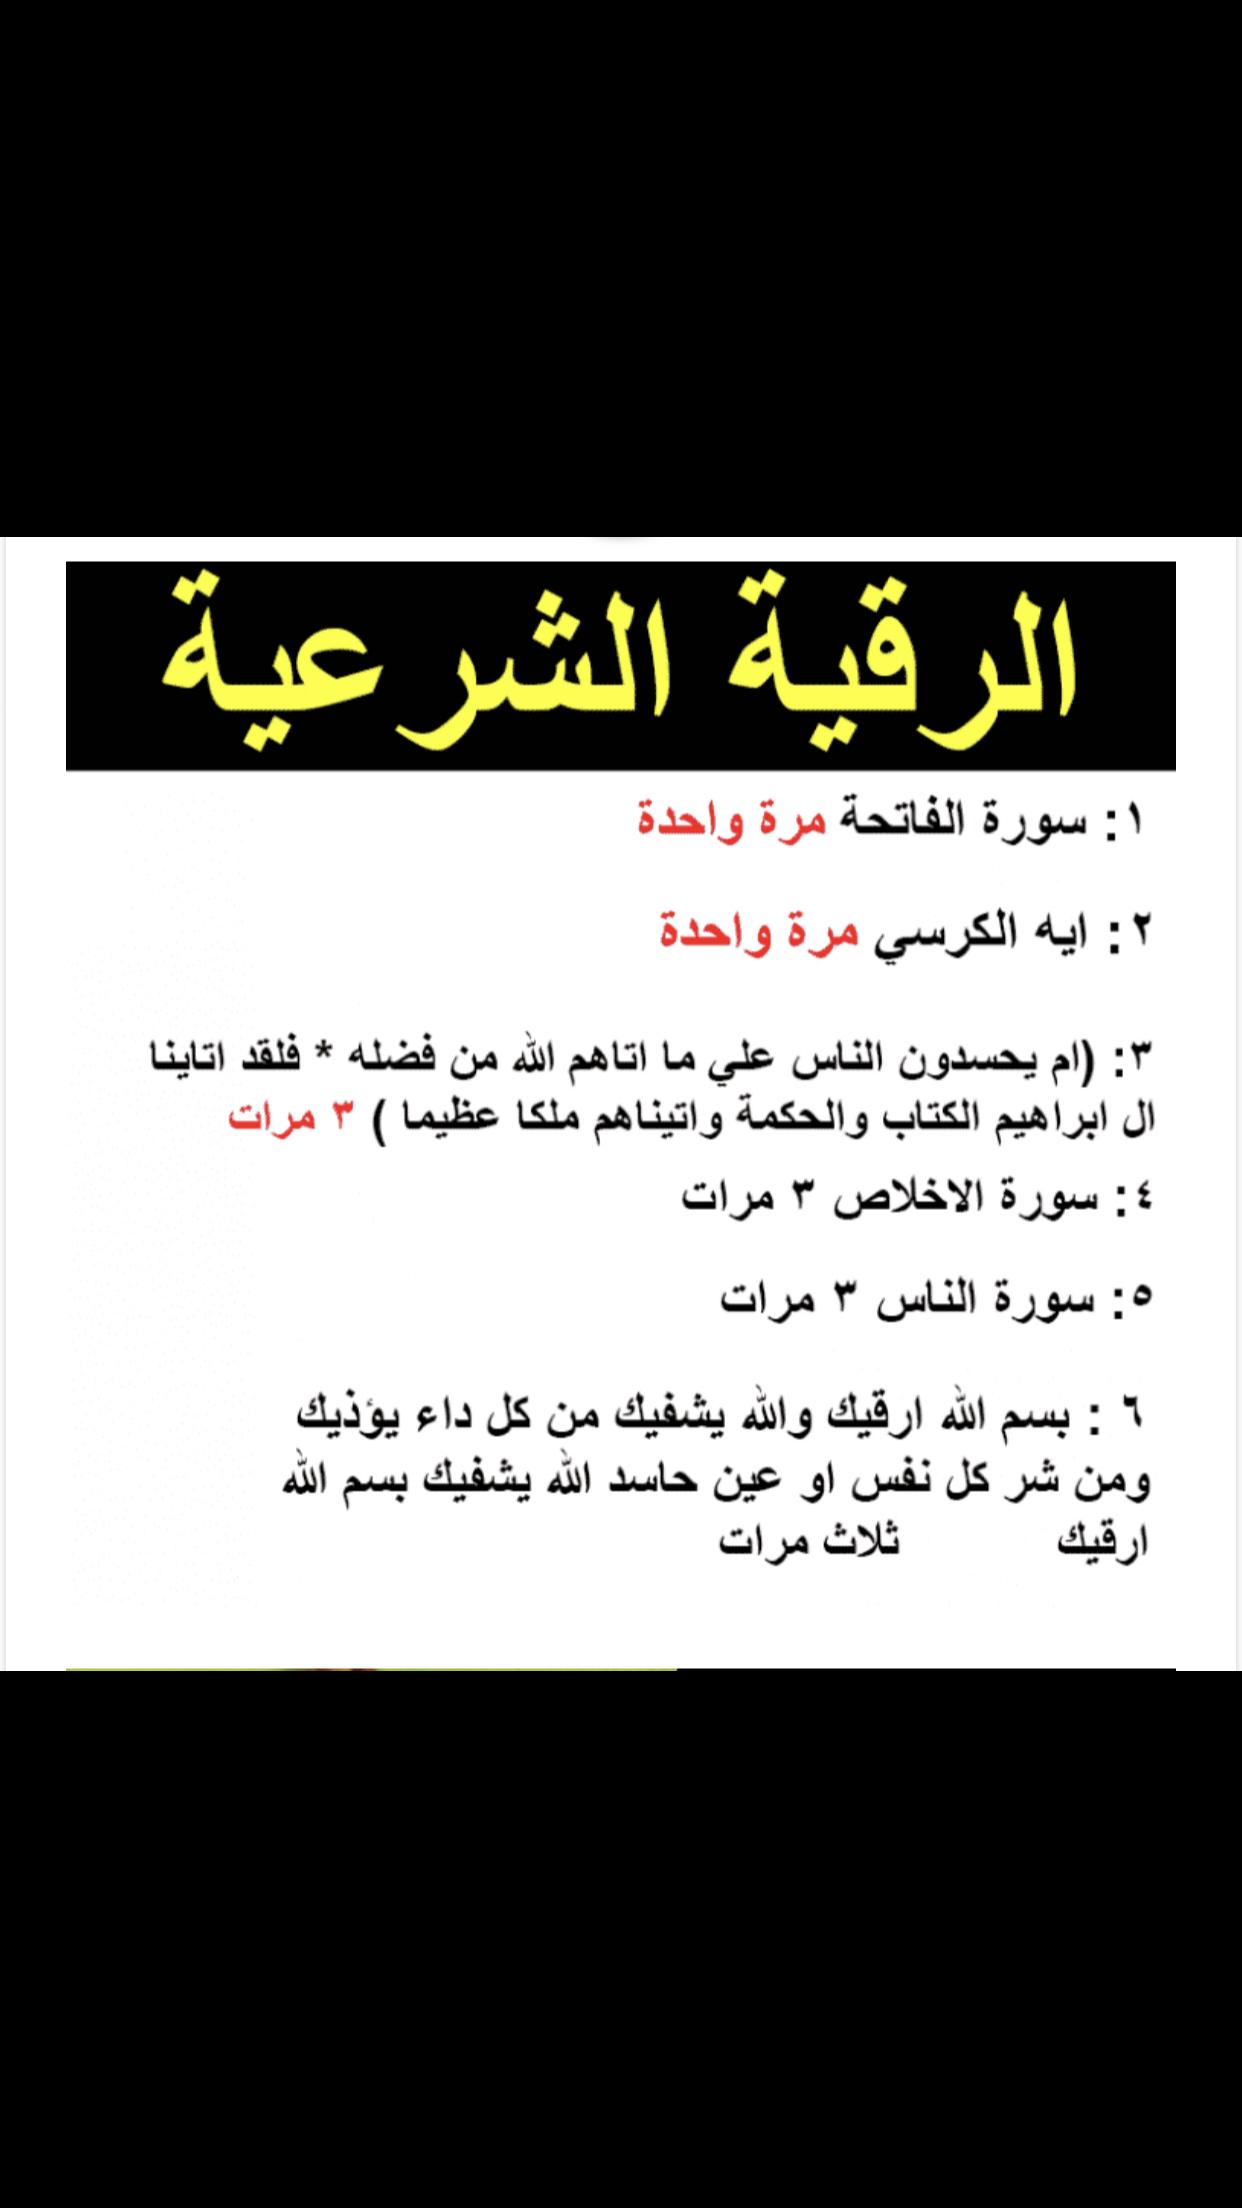 Pin By Narim On اذكارات Islamic Quotes Islamic Quotes Quran Islamic Page